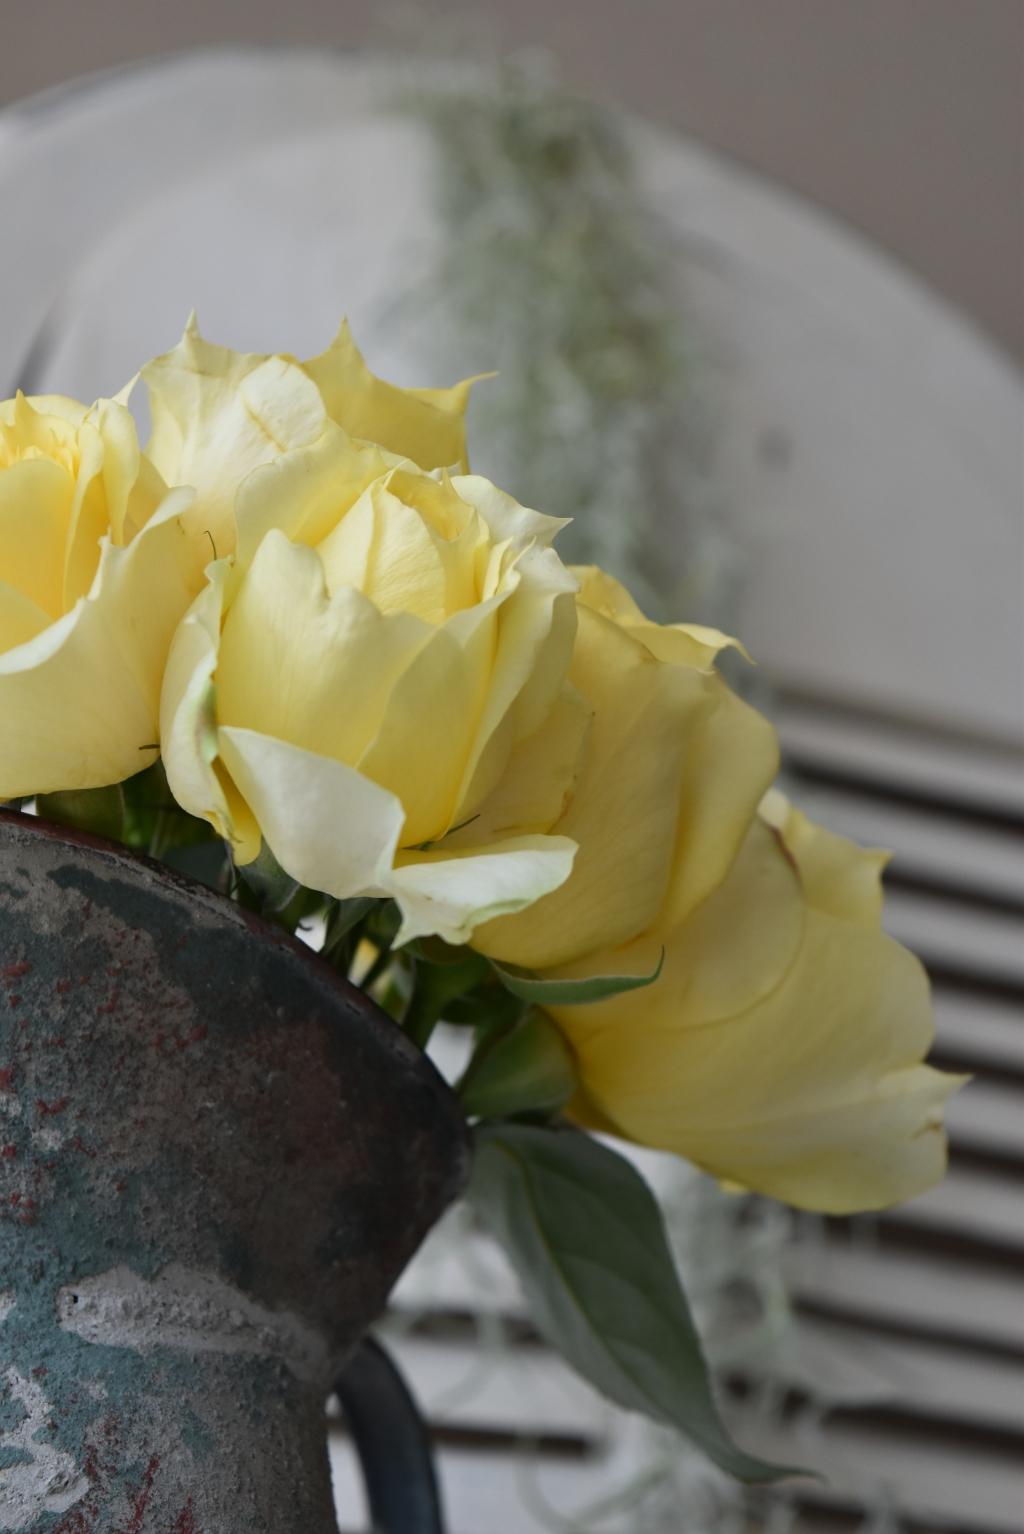 Flowertuft5